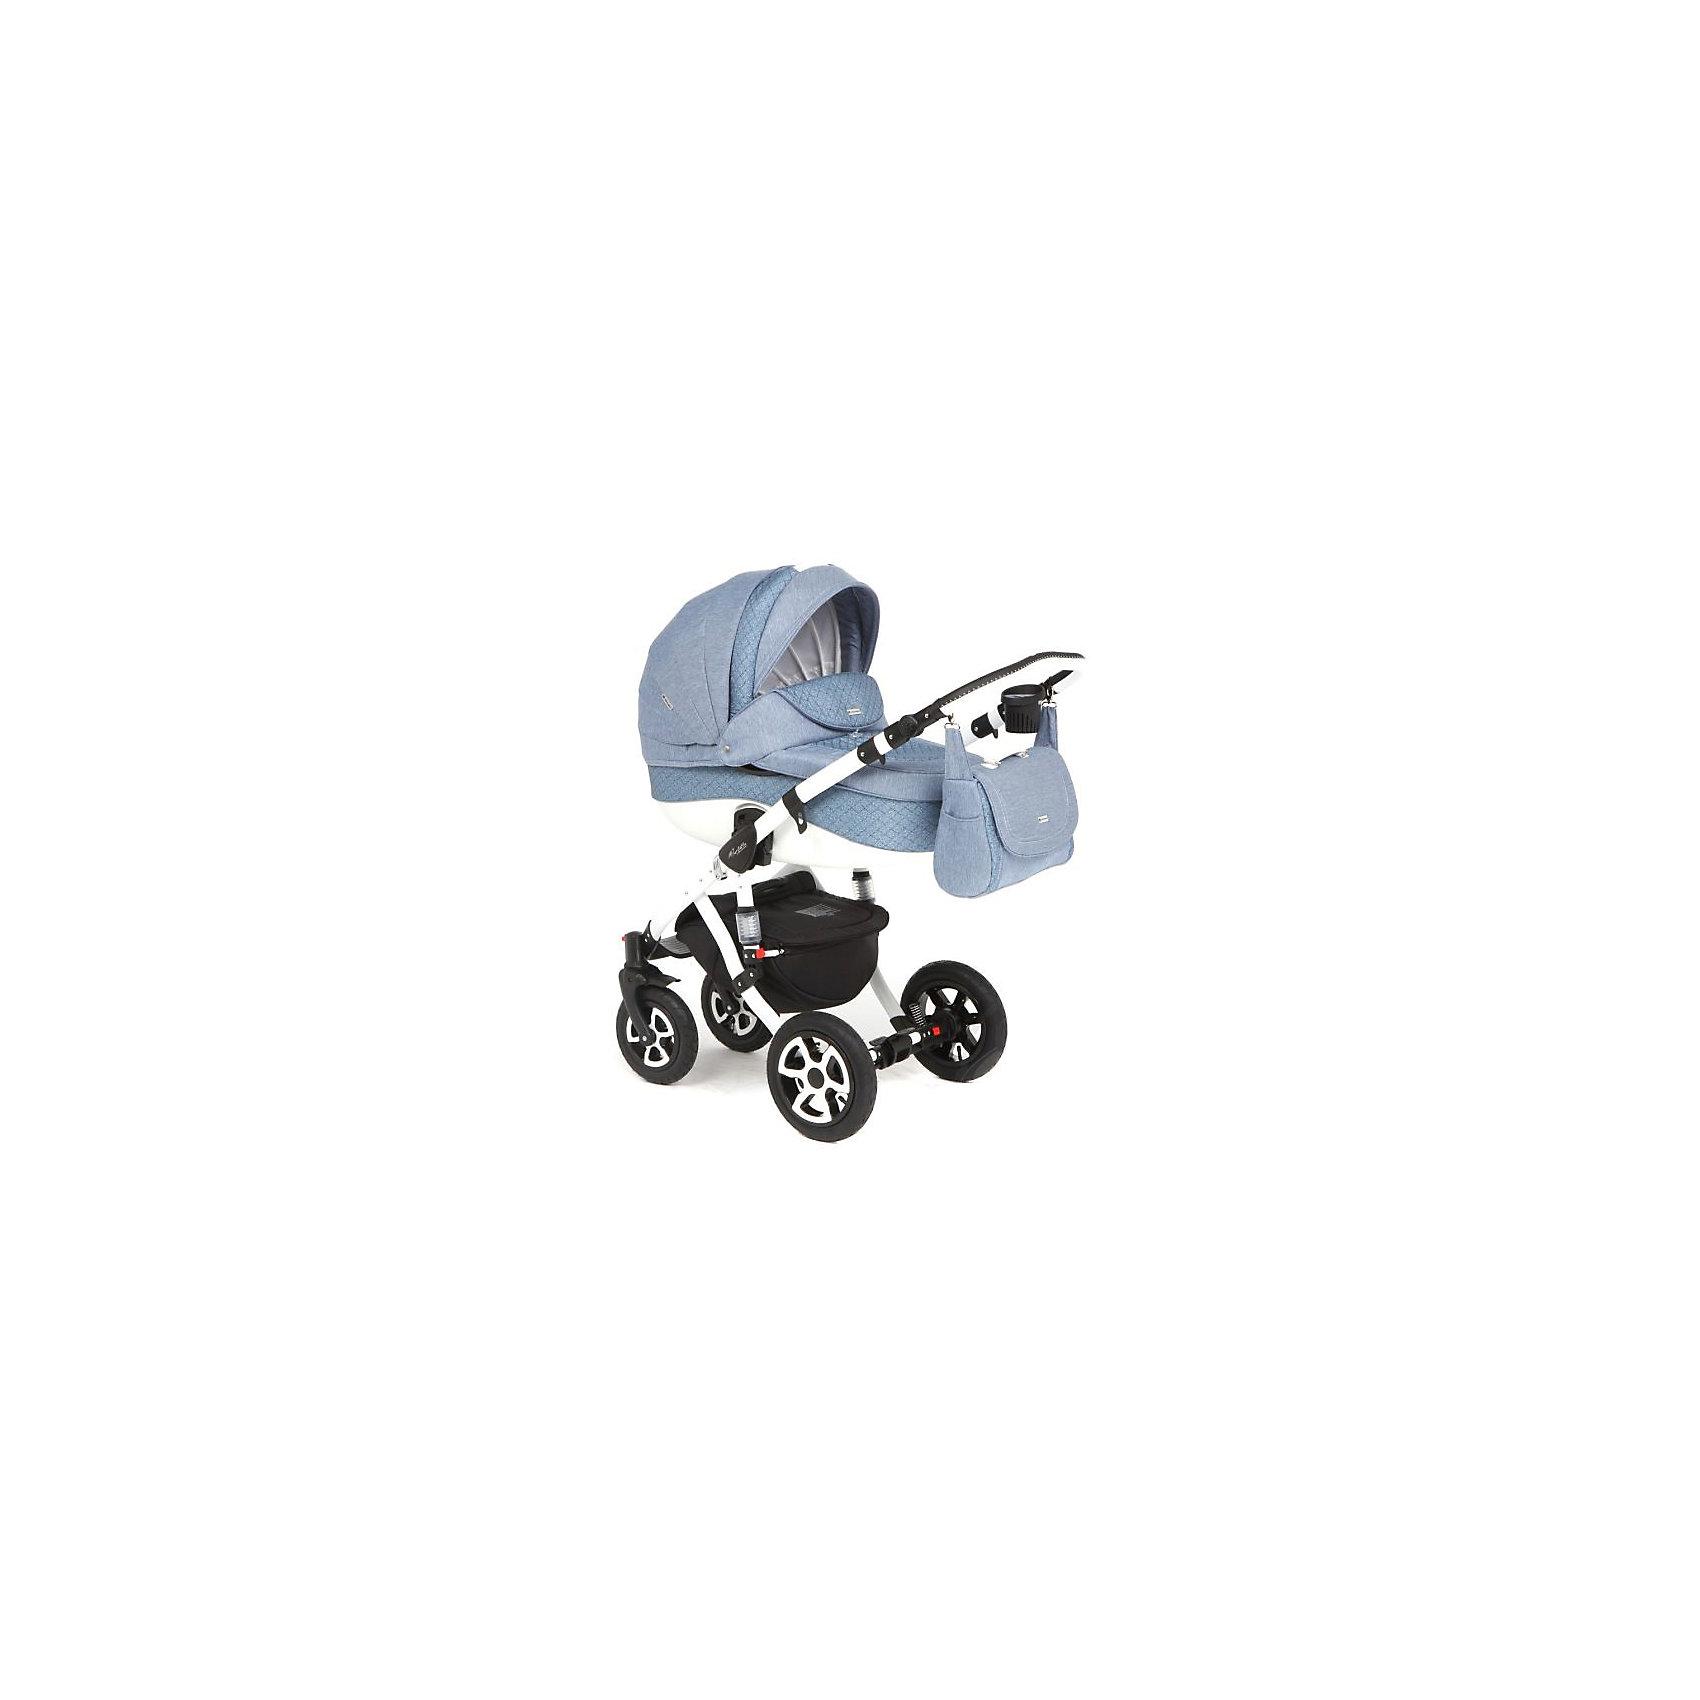 Коляска 2 в 1 Barletta, Adamex, синий джинсСтильная коляска выполнена в современном и удобном дизайне. Прочная и удобная коляска позволит перевозить ребенка, не беспокоясь при этом о его безопасности. Приятный цвет коляски практичен и универсален. За счет продуманной формы колес и амортизации коляска отлично будет ехать как по не ровной дороге, так и по снегу. Коляска легкая и прочная.<br>На коляске - колеса разного размера, поэтому конструкция - очень устойчивая. Модель дополнена 5-точечными ремнями безопасности. Изделие произведено из качественных и безопасных для малышей материалов, оно соответствуют всем современным требованиям безопасности.<br><br>Дополнительная информация:<br><br>цвет: синий;<br>механизм складывания: книжка; <br>тип колес: надувные; <br>пятиточечные ремни безопасности; <br>четыре положения спинки; <br>регулировка положений ручки и подножки; <br>материал рамы: алюминий; <br>съёмный бампер; <br>мягкие накладки на внутренних ремнях безопасности; <br>передние колеса поворотные с возможностью фиксации; <br>система амортизации - пружины;<br>вес: 15.4 кг; <br>размер коляски: 106х124х60 см. <br><br>Коляска 2 в 1 Barletta, синий джинс от компании Adamex можно купить в нашем магазине.<br><br>Ширина мм: 970<br>Глубина мм: 600<br>Высота мм: 660<br>Вес г: 20700<br>Возраст от месяцев: 0<br>Возраст до месяцев: 36<br>Пол: Мужской<br>Возраст: Детский<br>SKU: 4778500